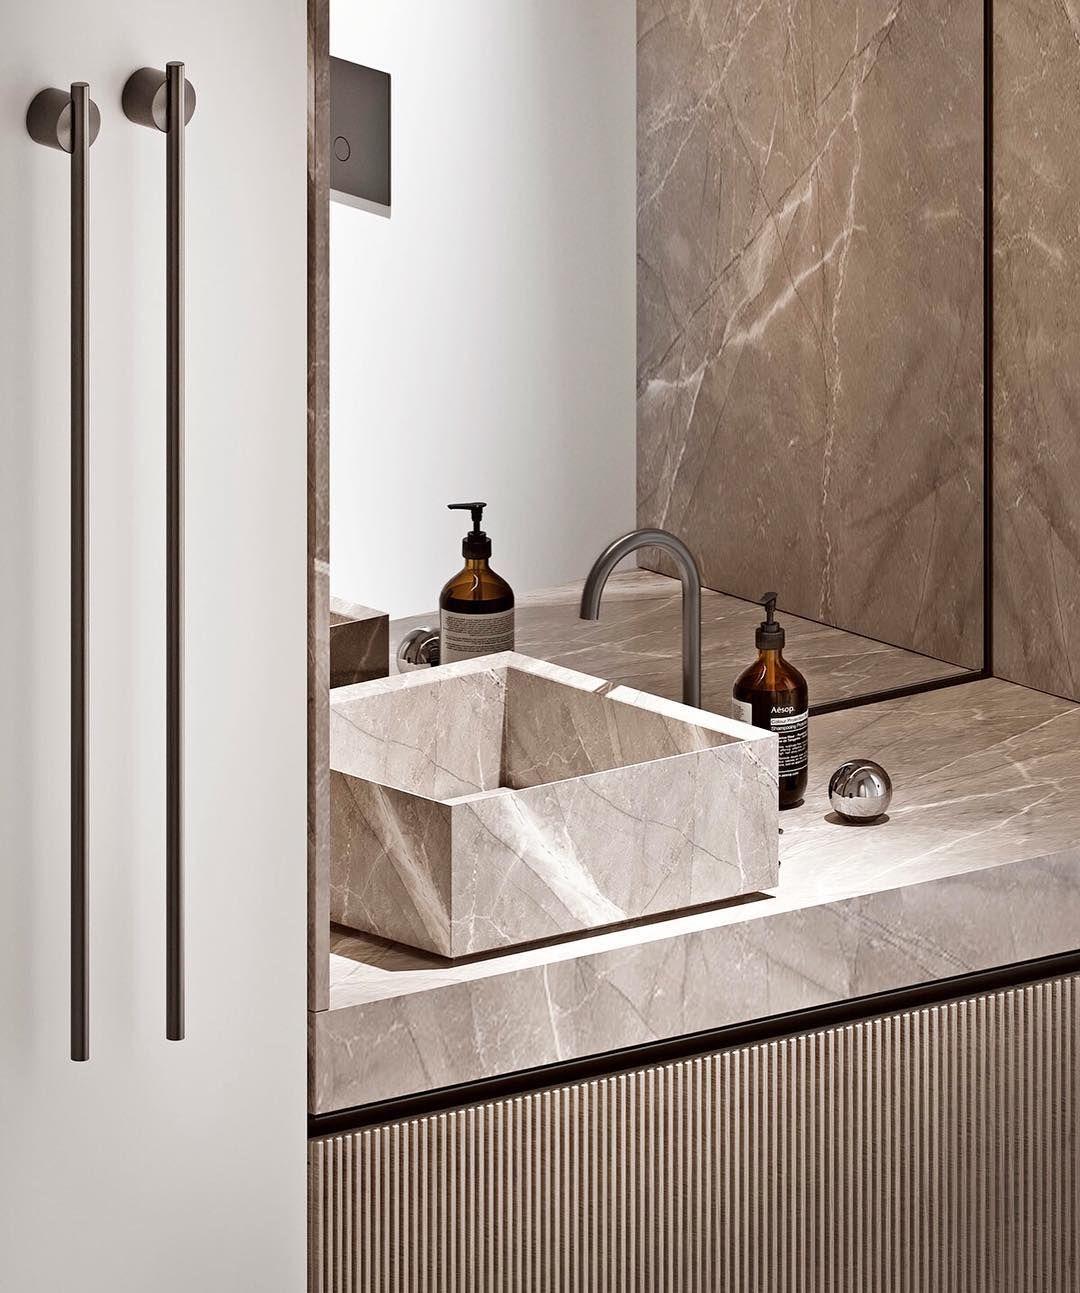 New The 10 Best Home Decor With Pictures من الجميل عمل لونين في دورات المياه الله يعزكم Restroom Design Luxury Interior Design Bathroom Interior Design